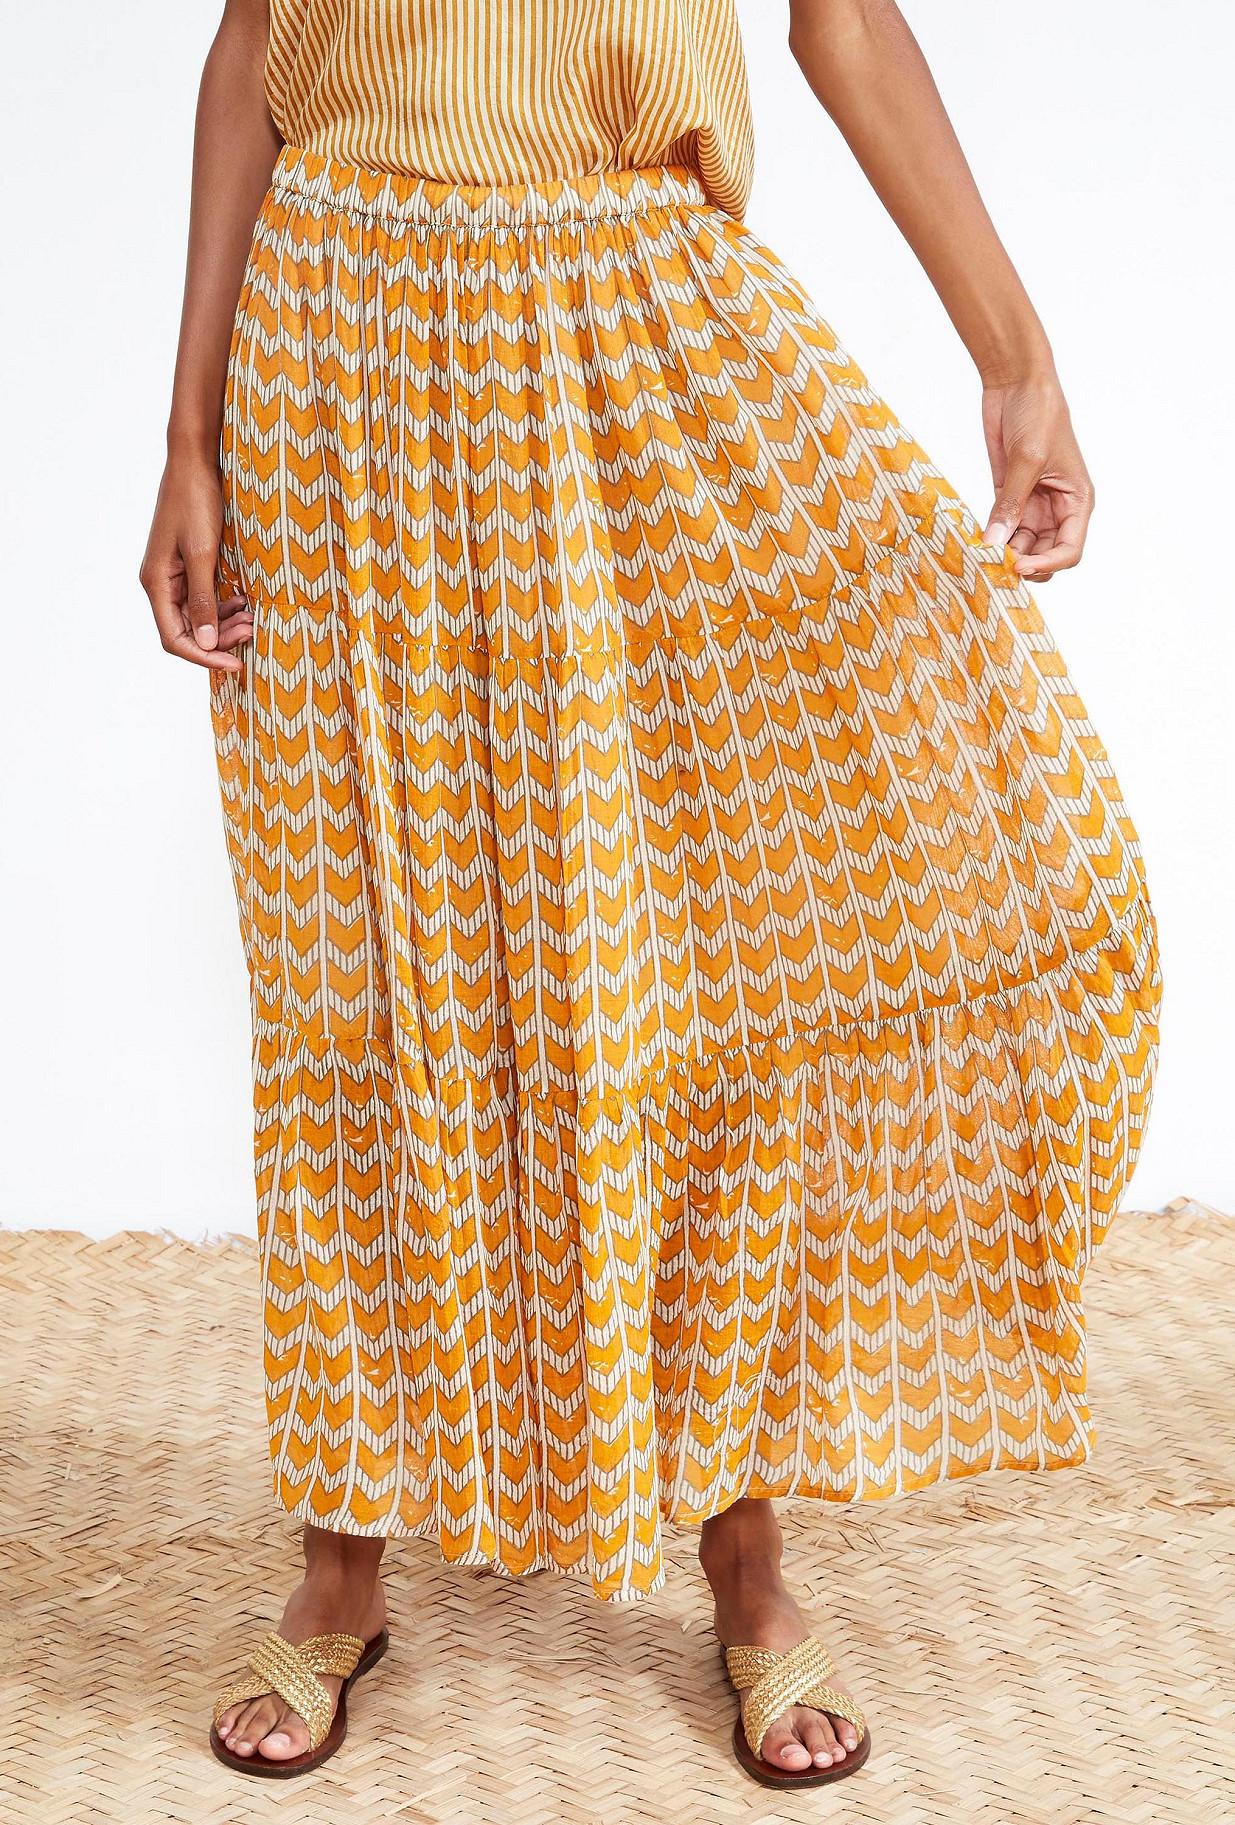 Ocre  SKIRT  Farouche Mes demoiselles fashion clothes designer Paris